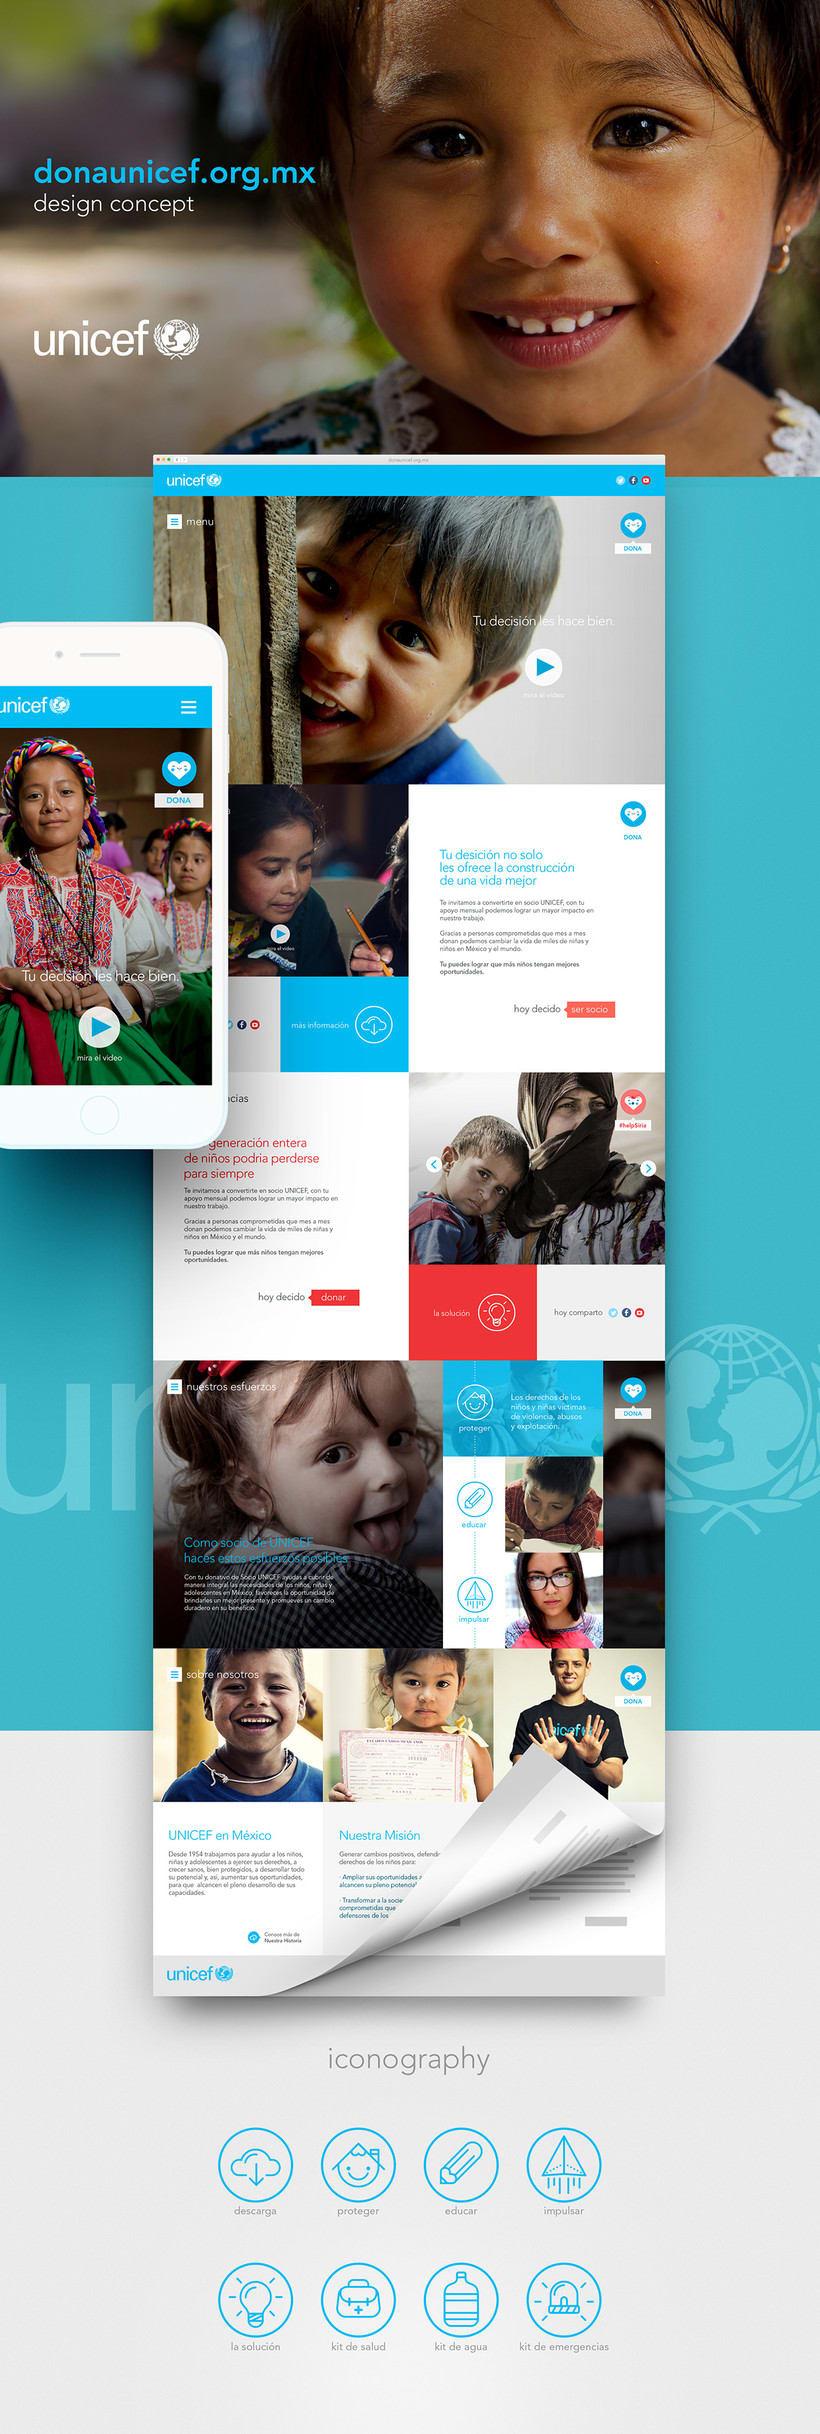 Dona UNICEF. Design concept -1